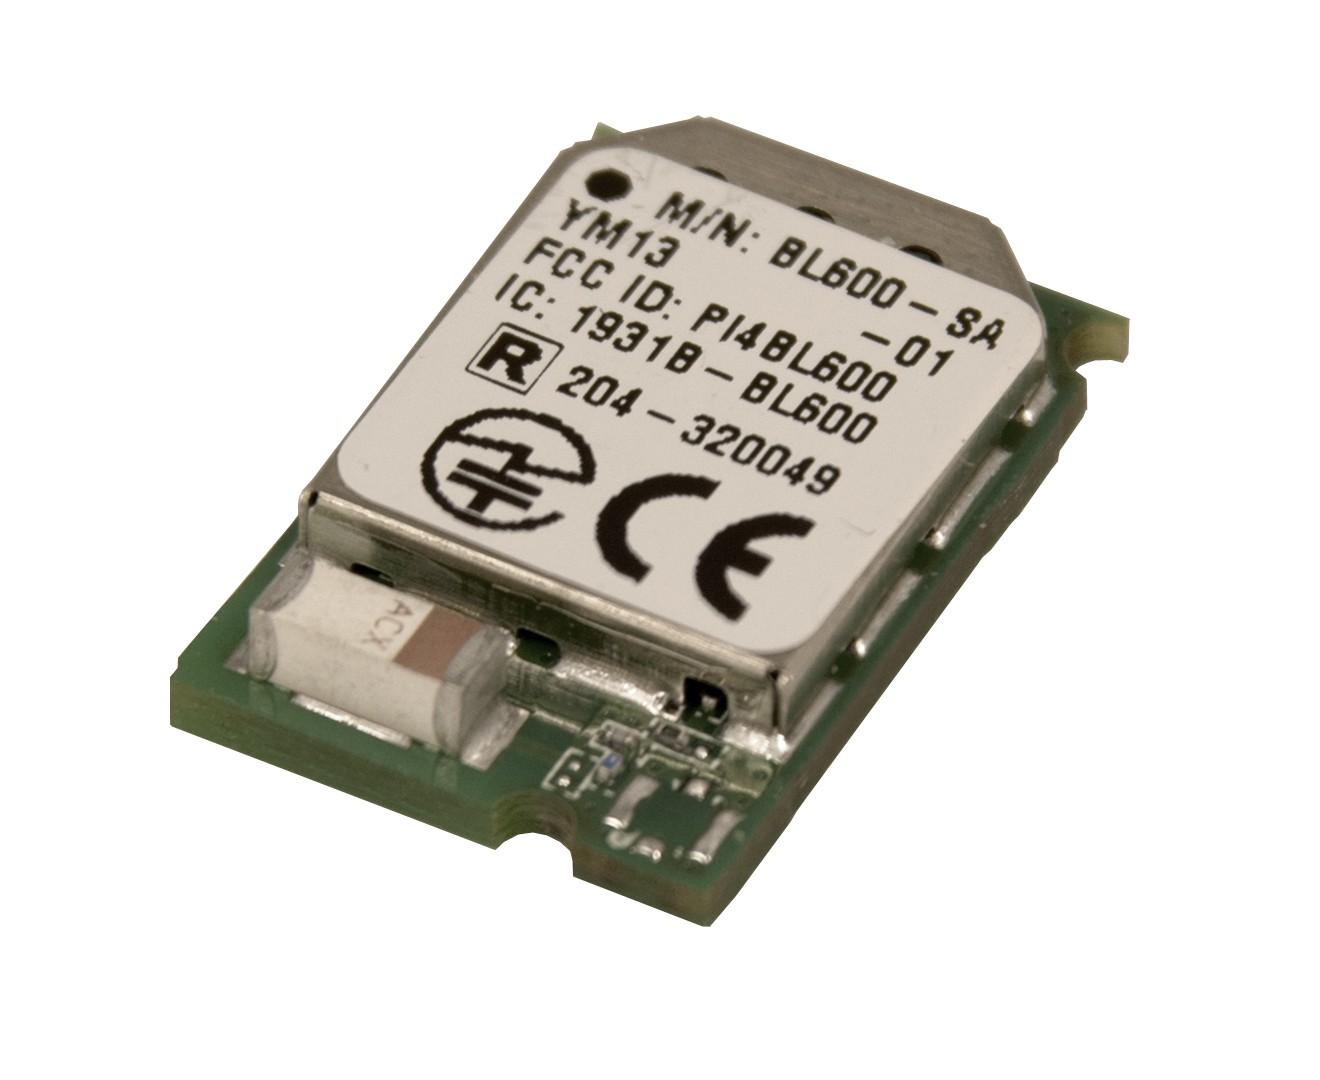 BL600-SA-05